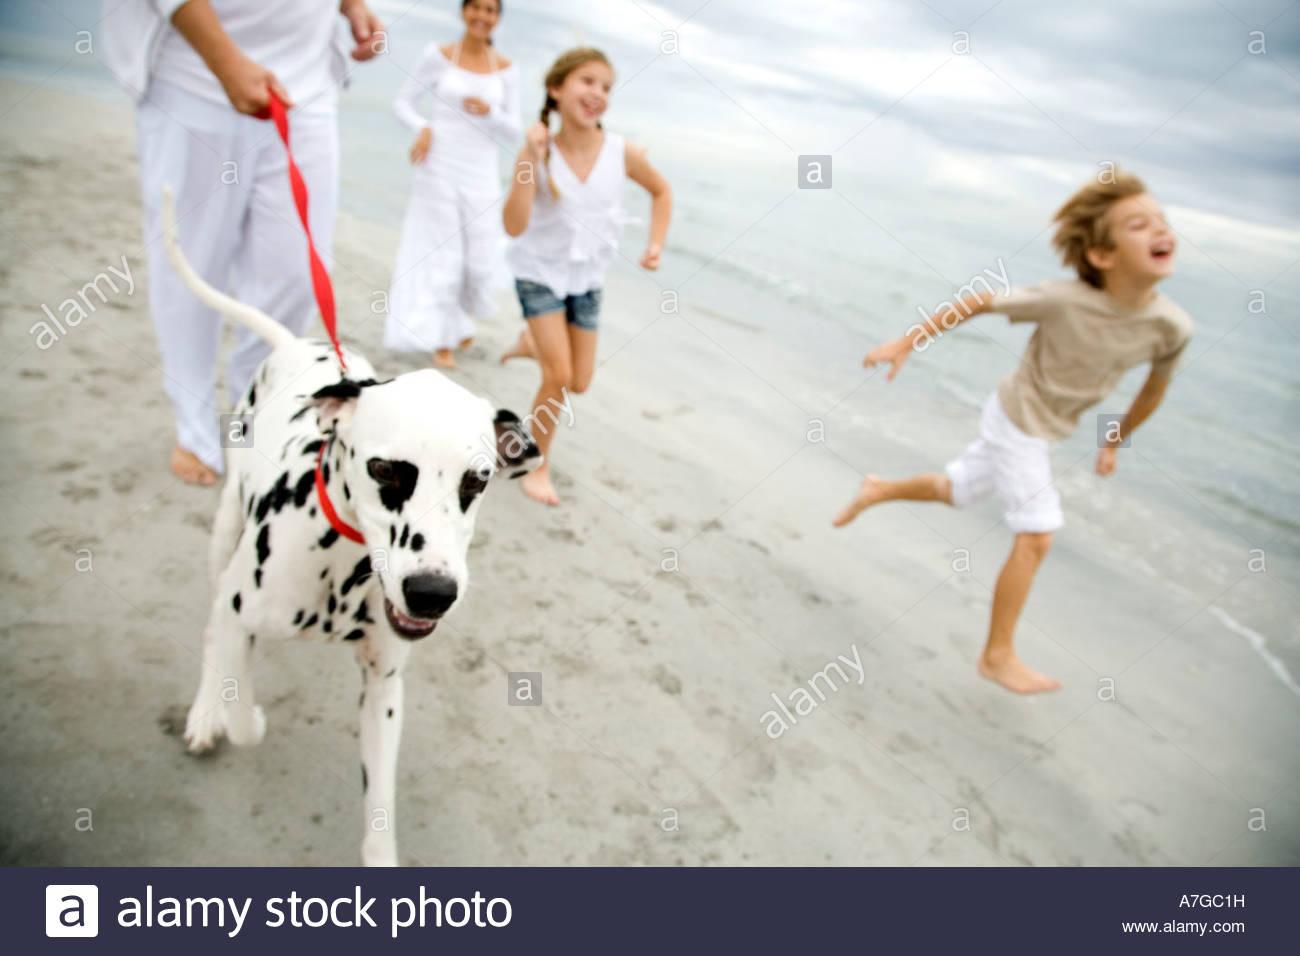 Une famille de promener le chien sur une plage Photo Stock